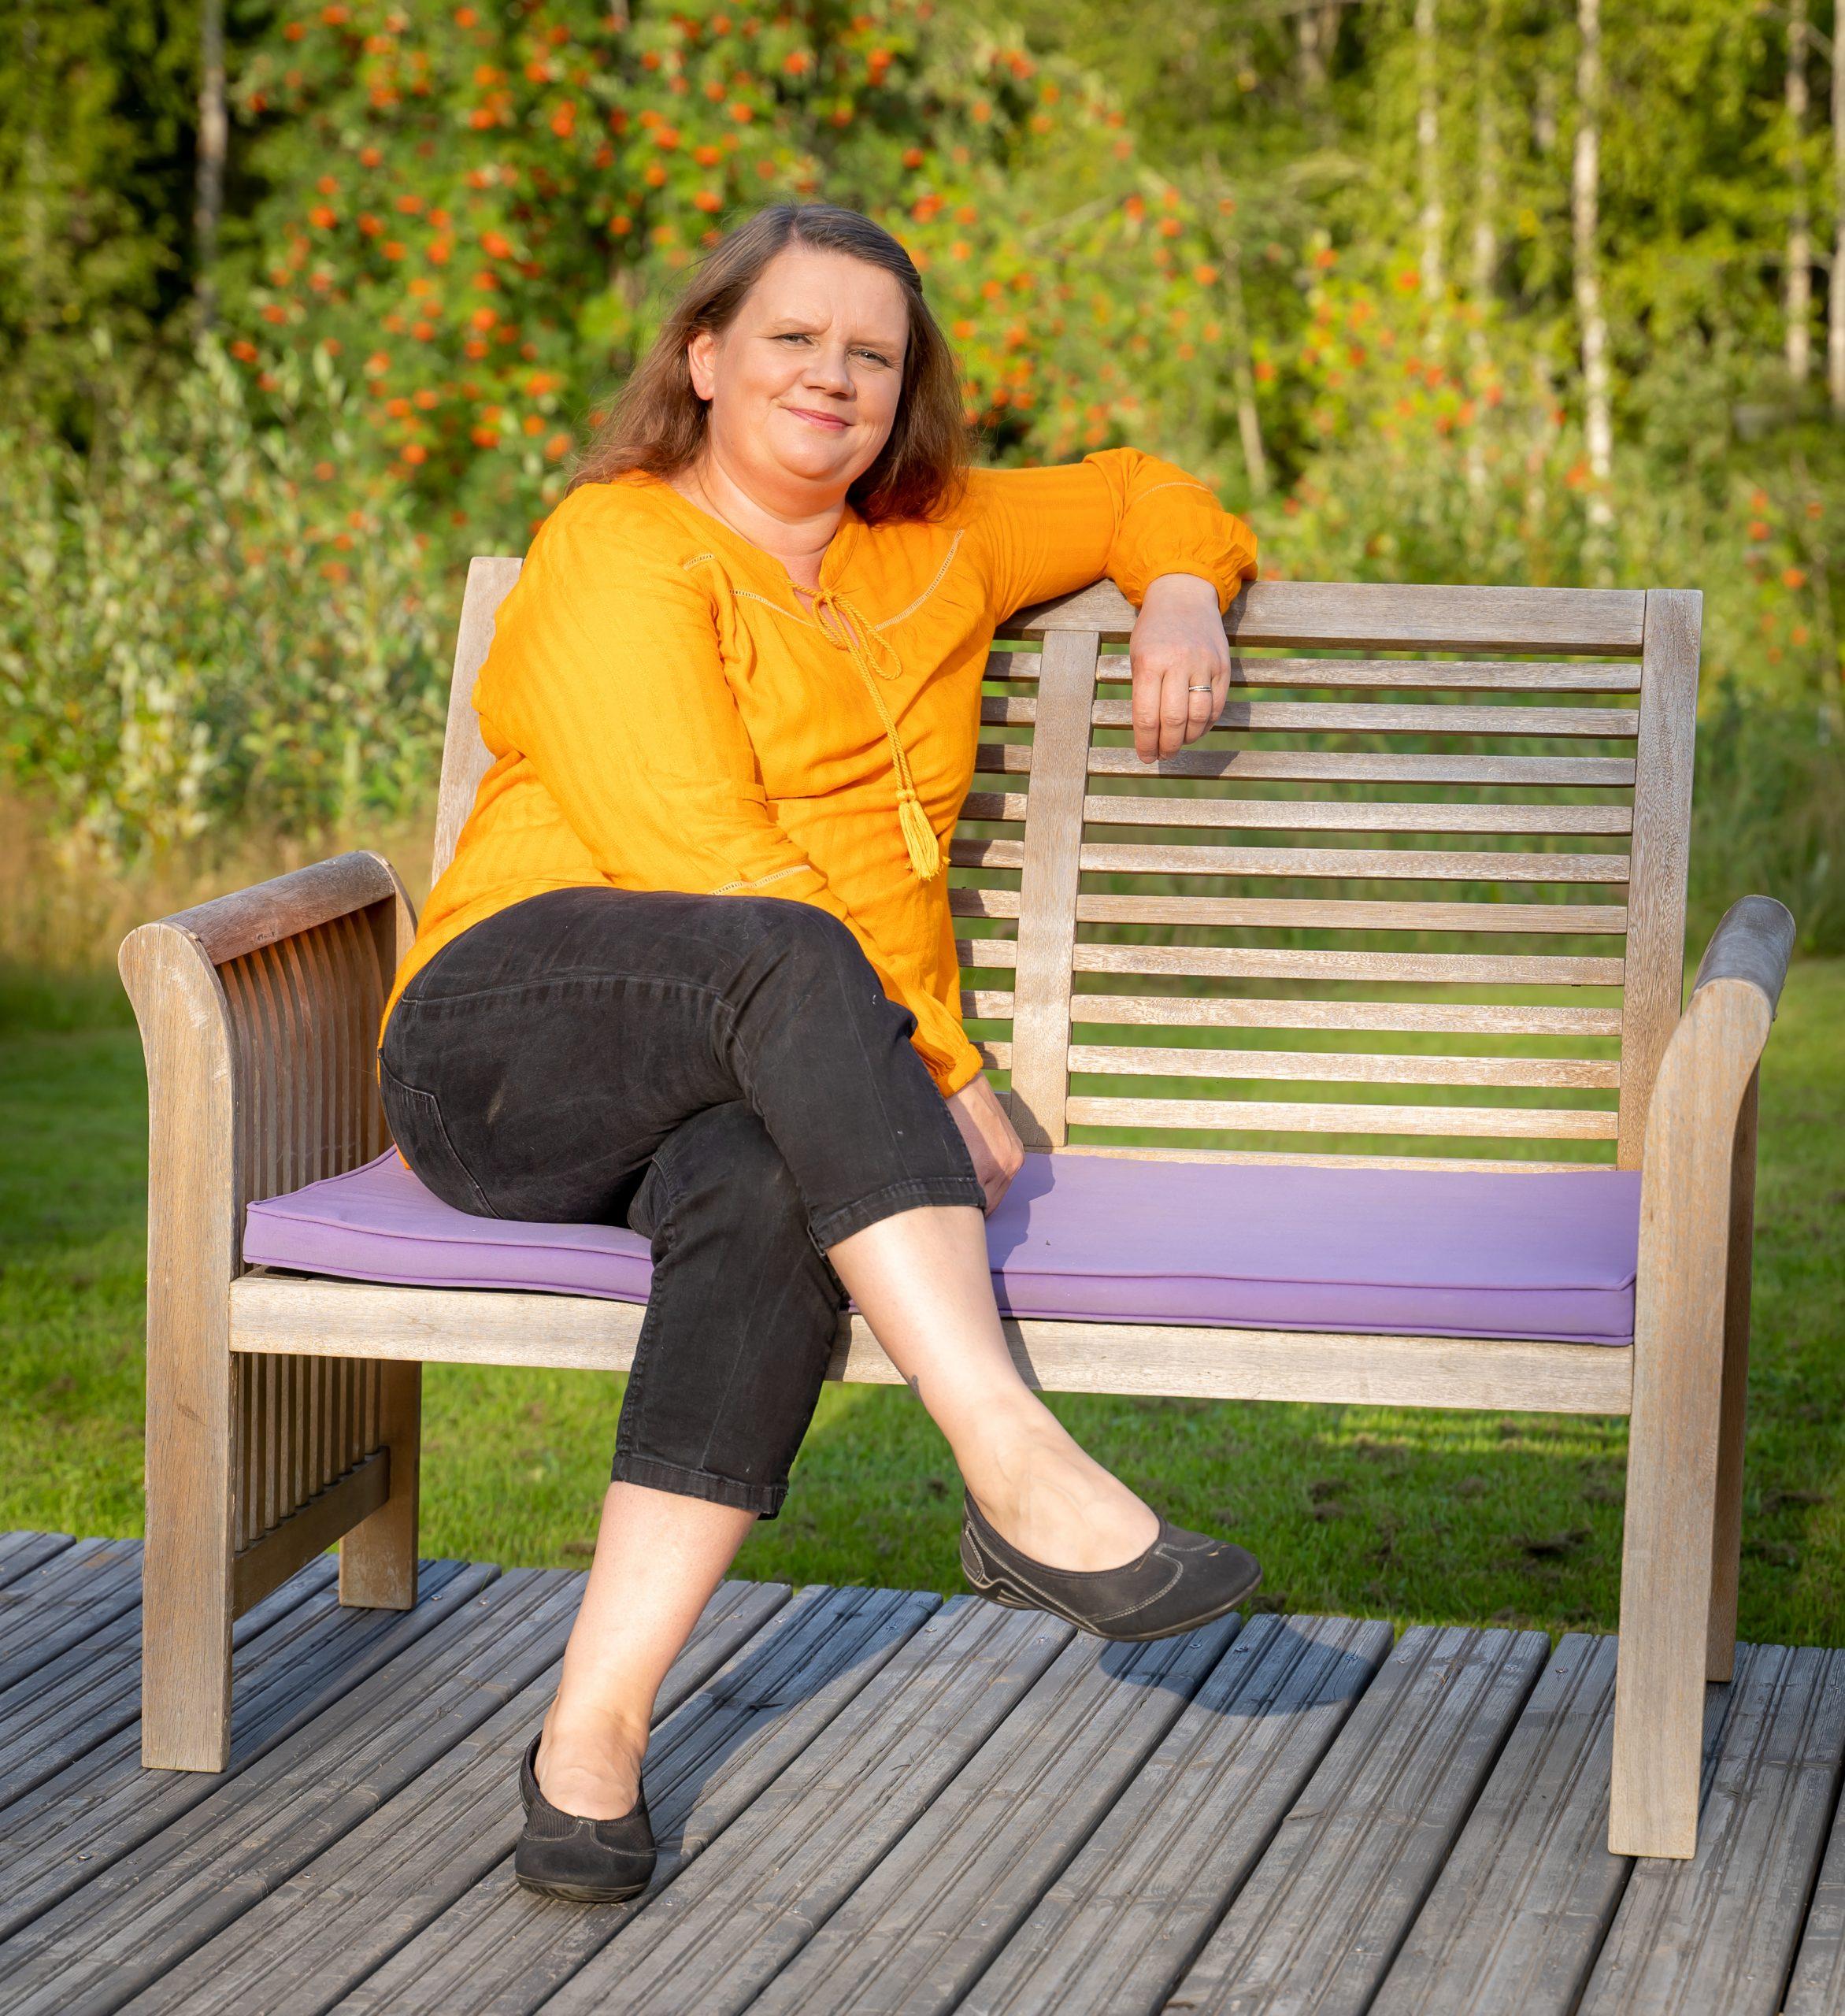 Psykoterapeutti Mervi Märsynaho tarjoaa psykoterapiaa Oulussa.